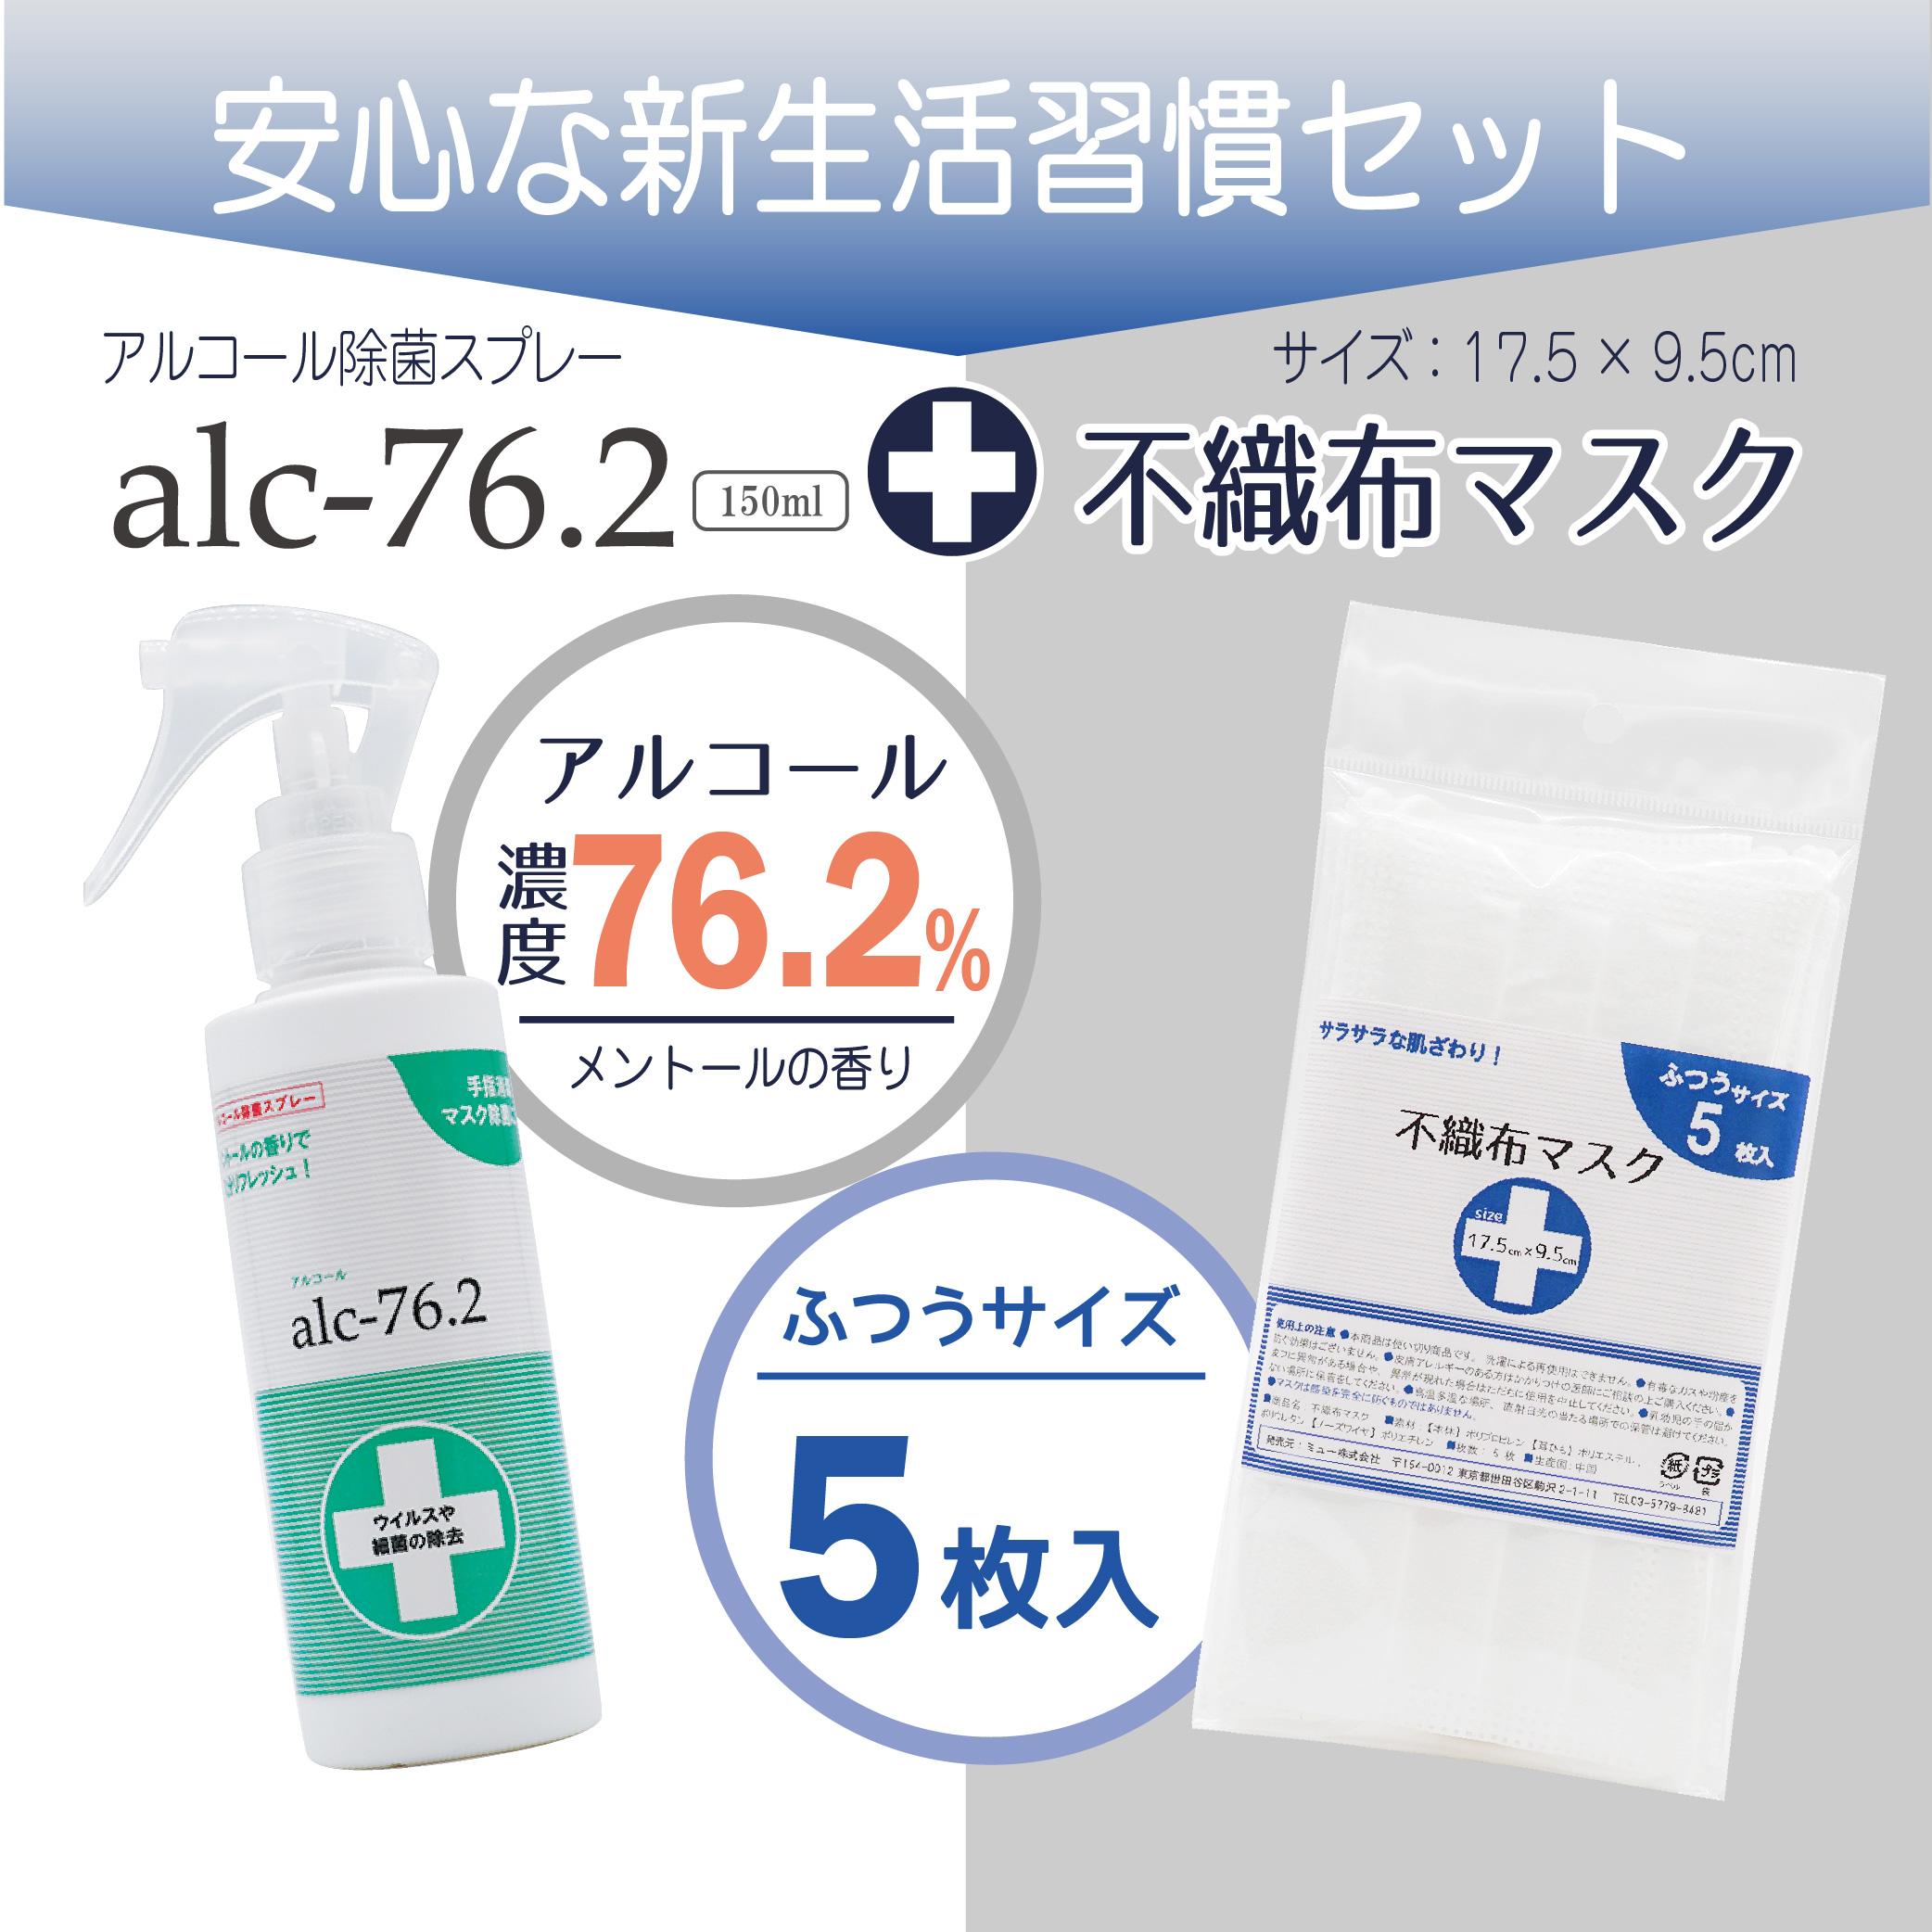 アルコール除菌スプレーalc76.2(150ml)+不織布マスク5枚入 セット